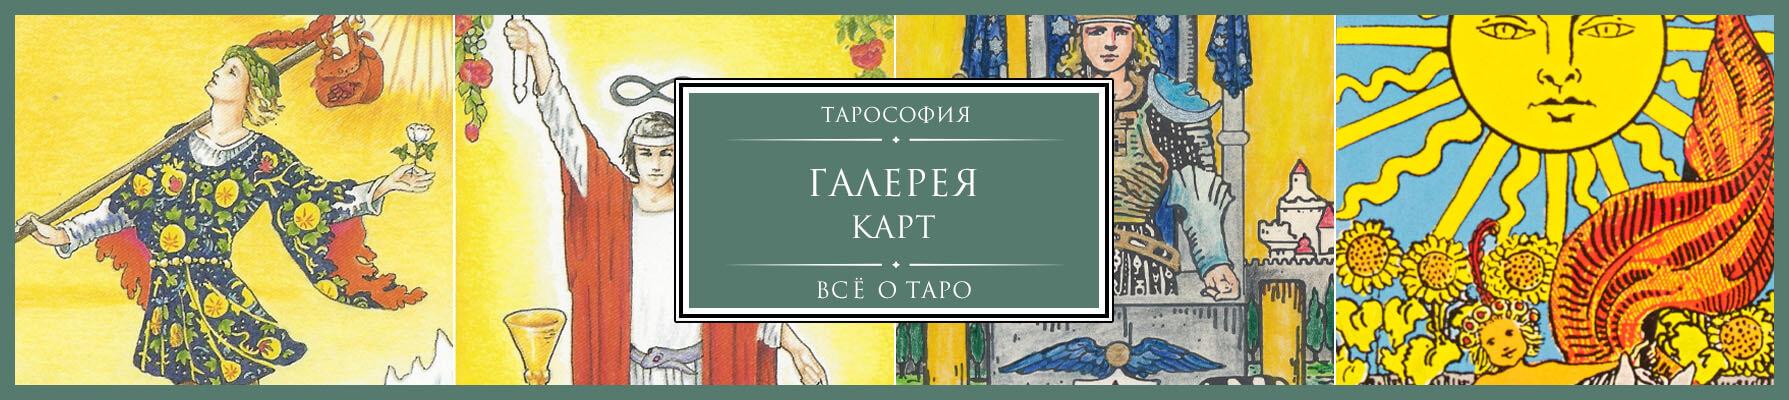 Галерея карт Таро